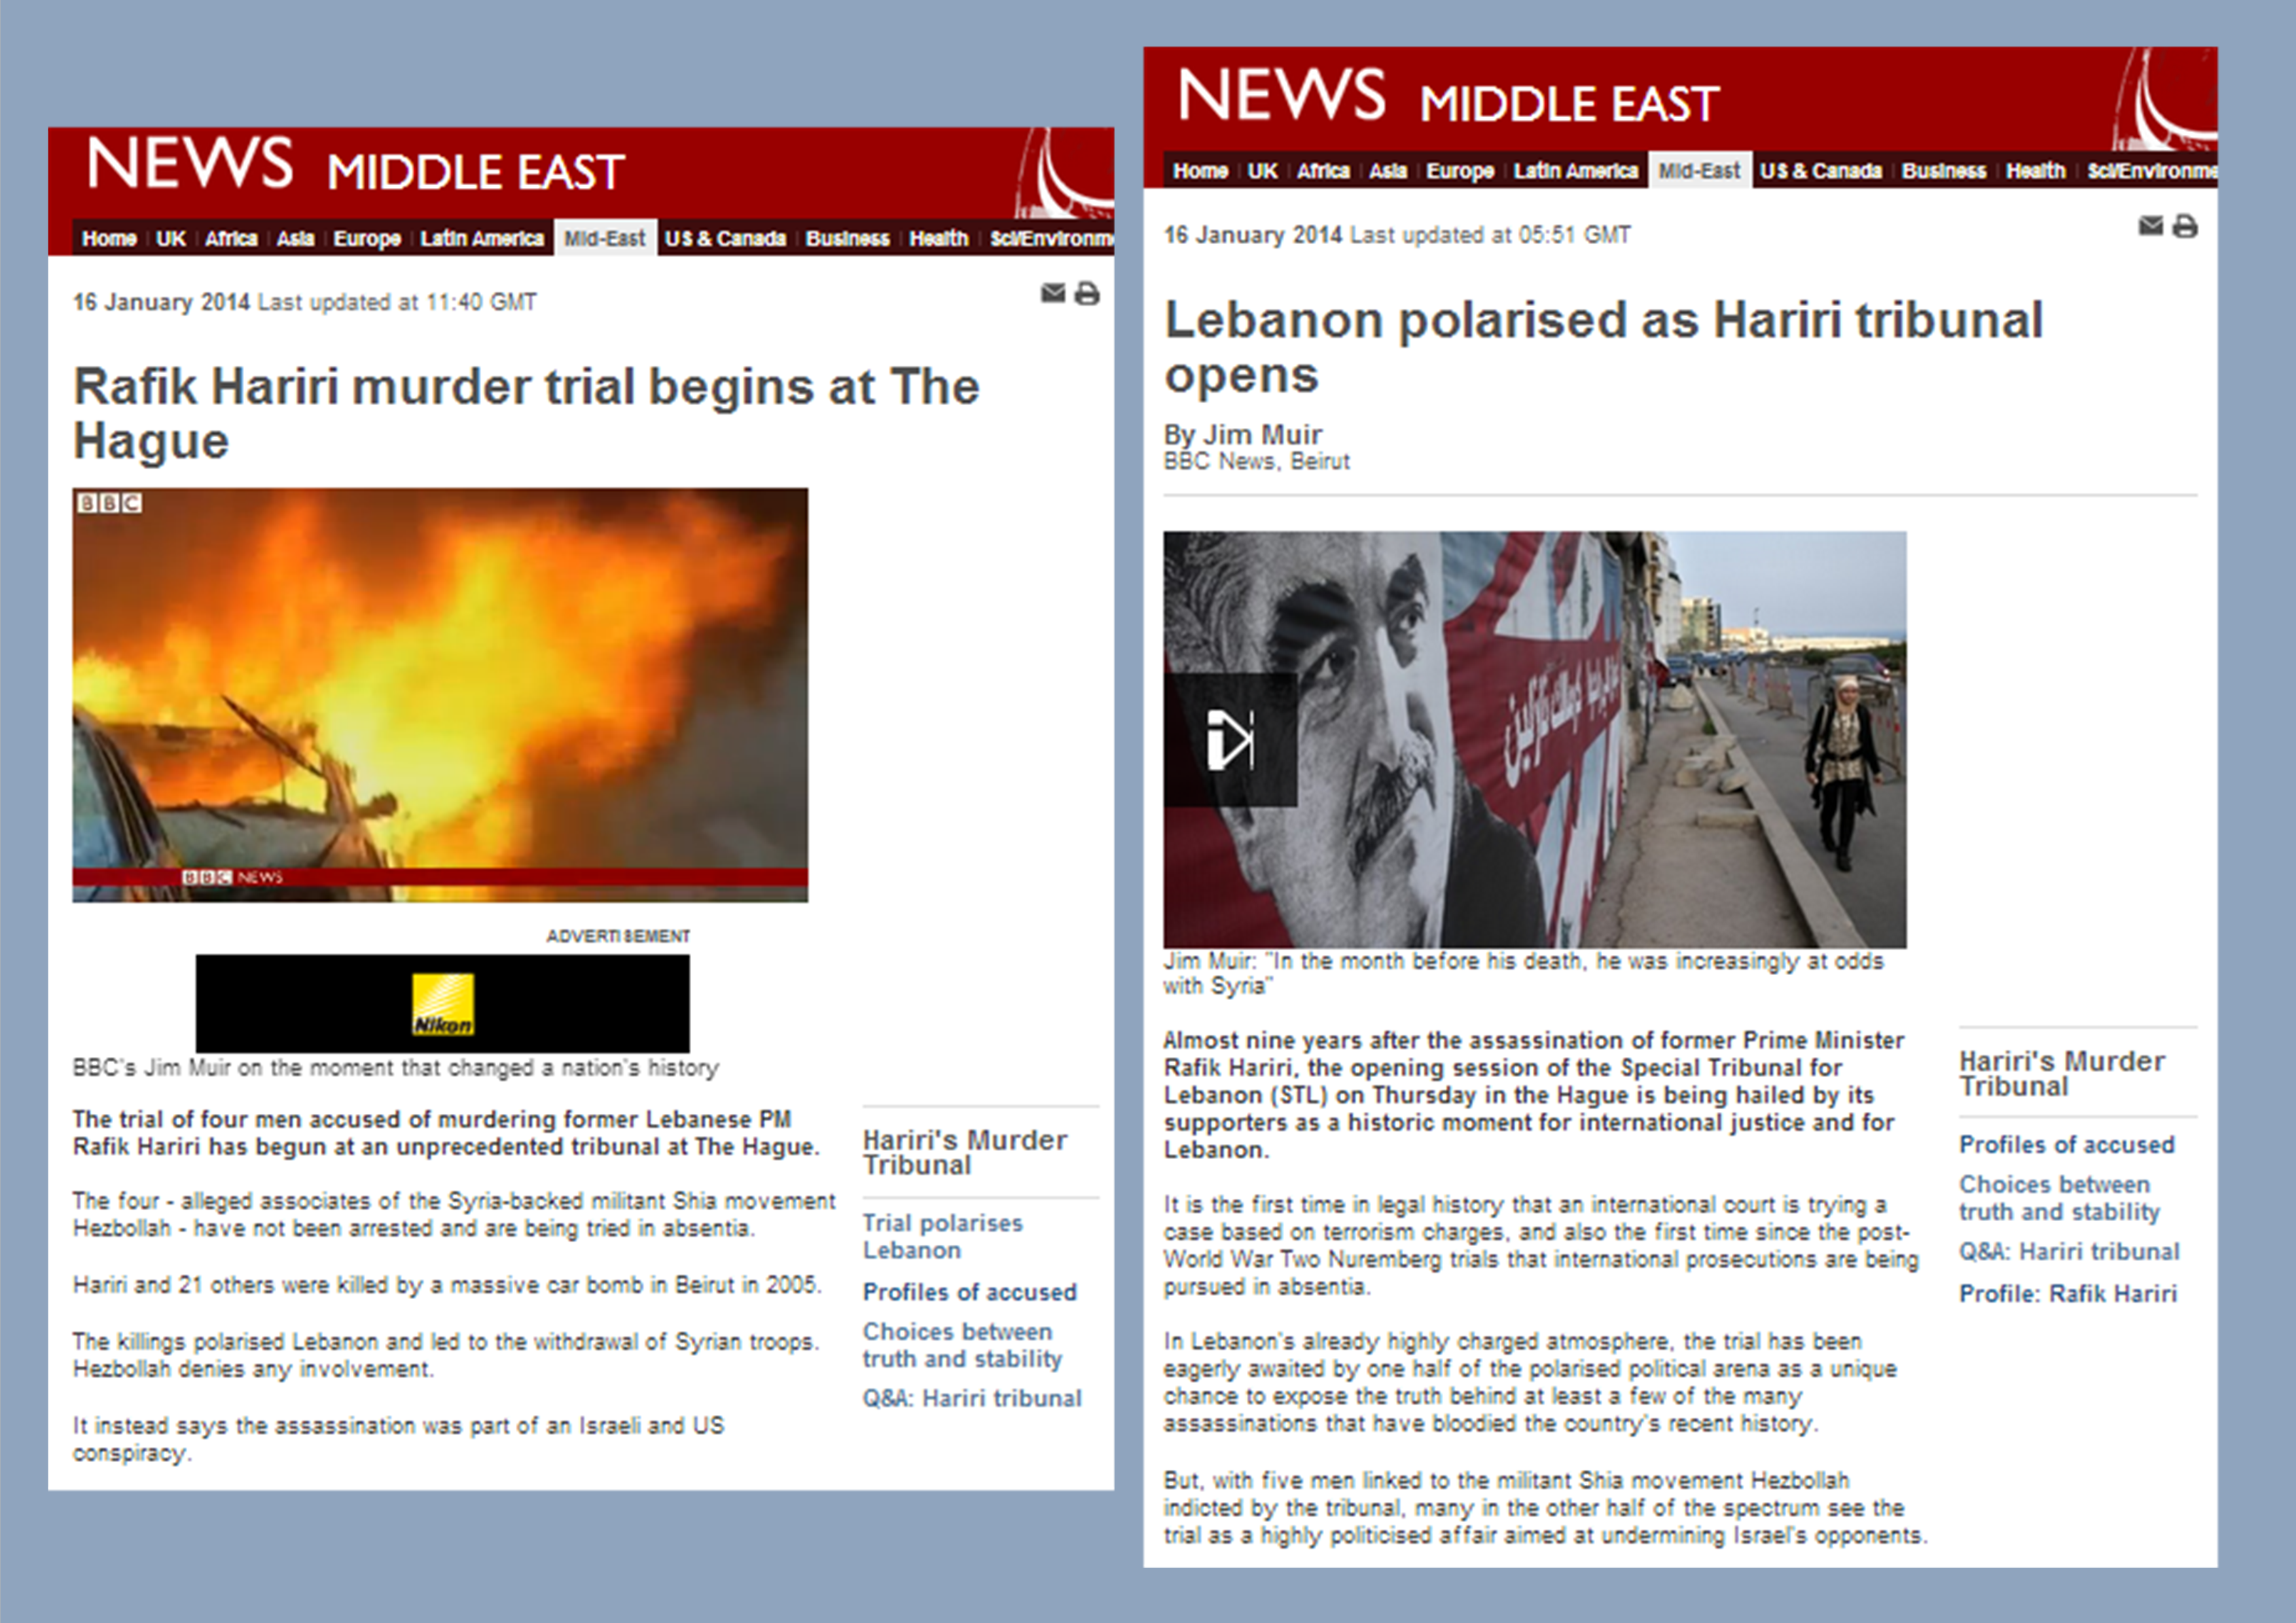 BBC coverage of STL amplifies Hizballah propaganda